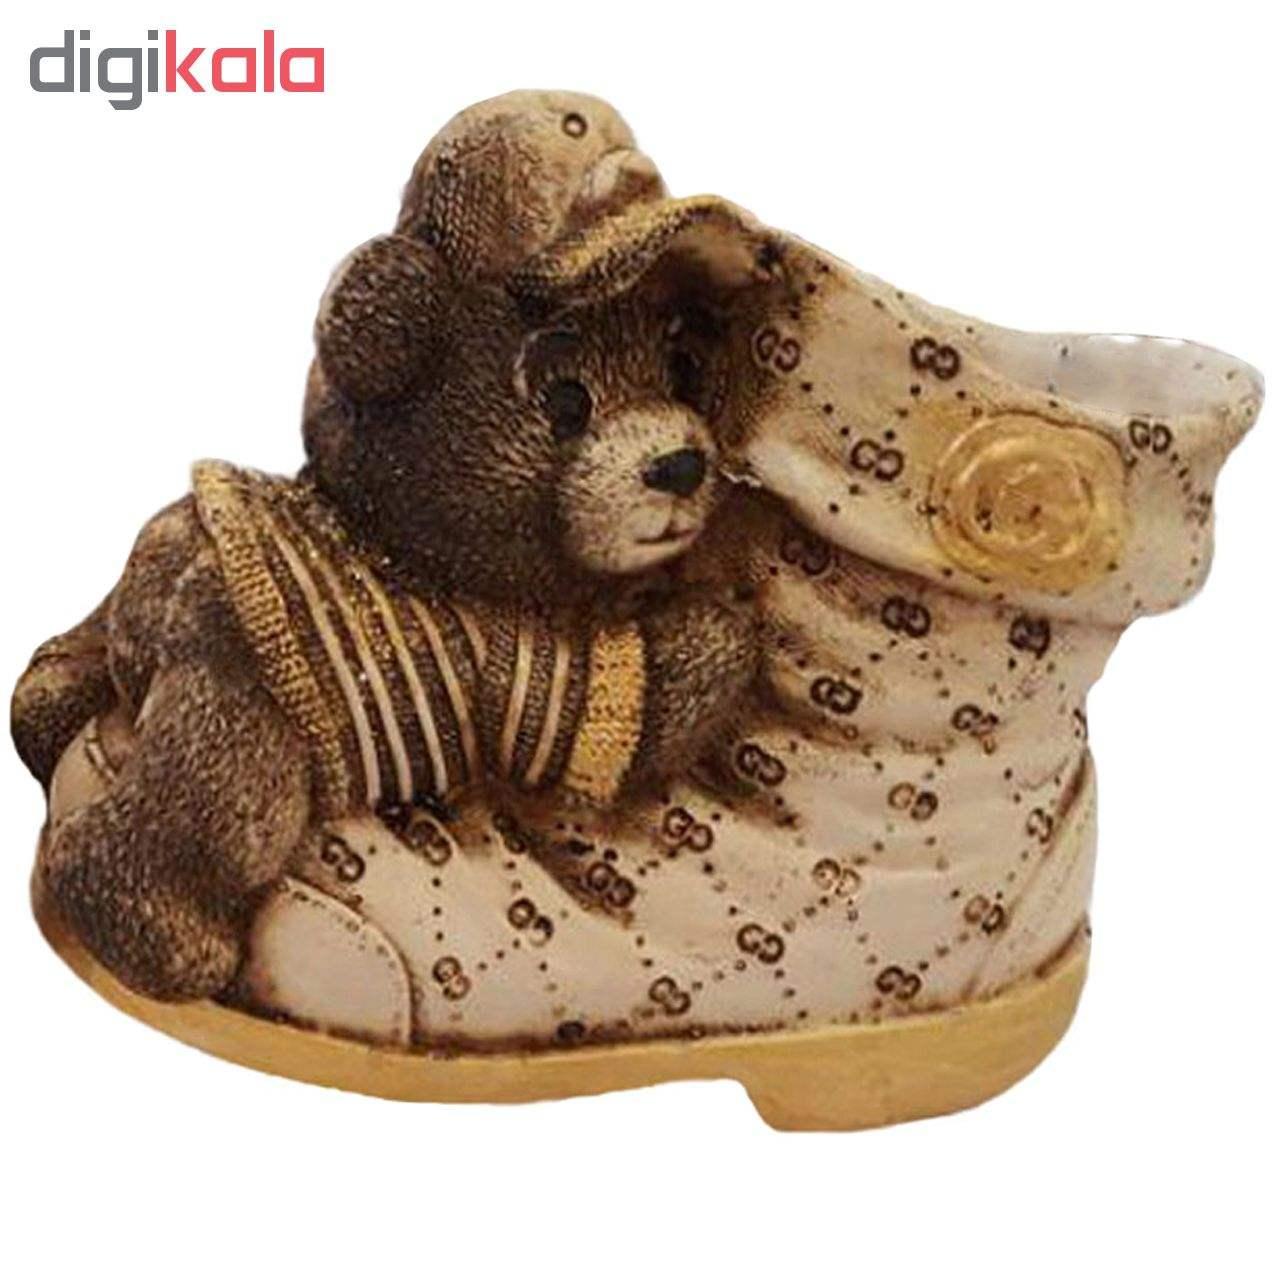 جامدادی رومیزی لیلپار طرح کفش خرسی مدل DGA-2011